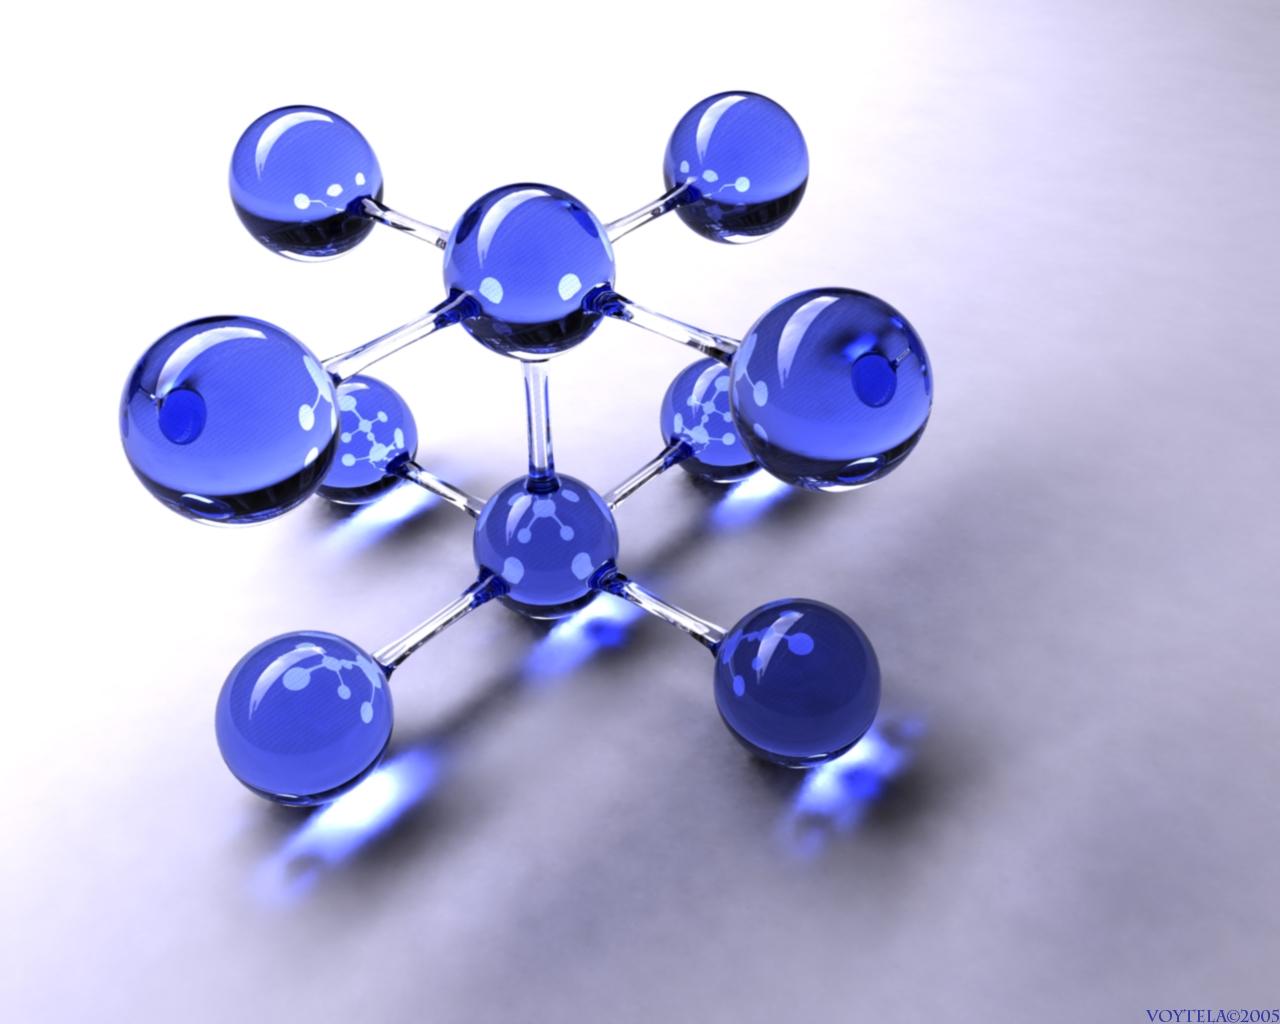 imagine cu molecole